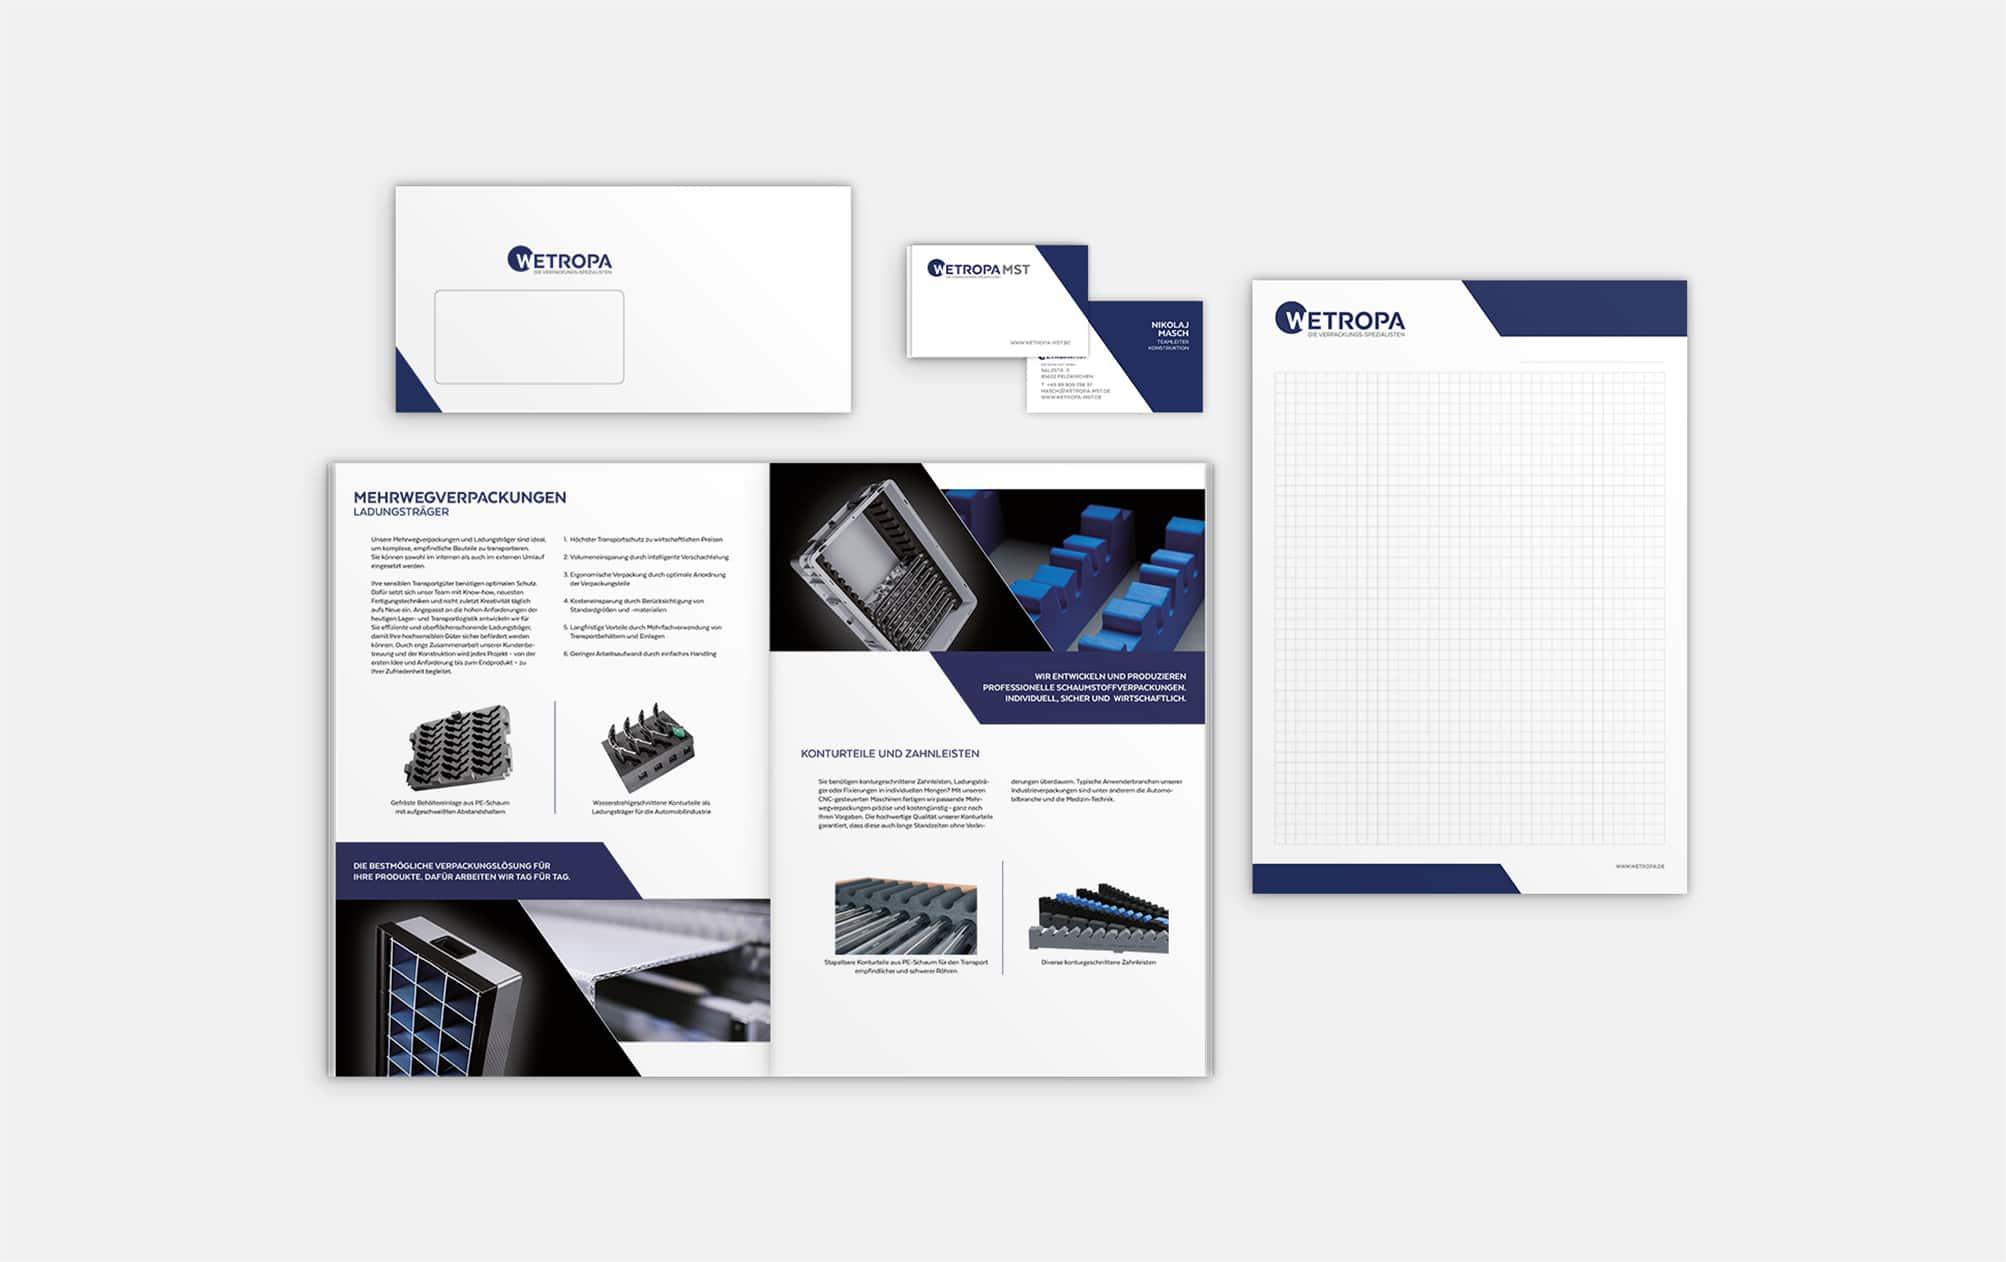 360vier_referenz_wetropa_02-2x Wetropa Kunststoffverarbeitung GmbH & Co. KG